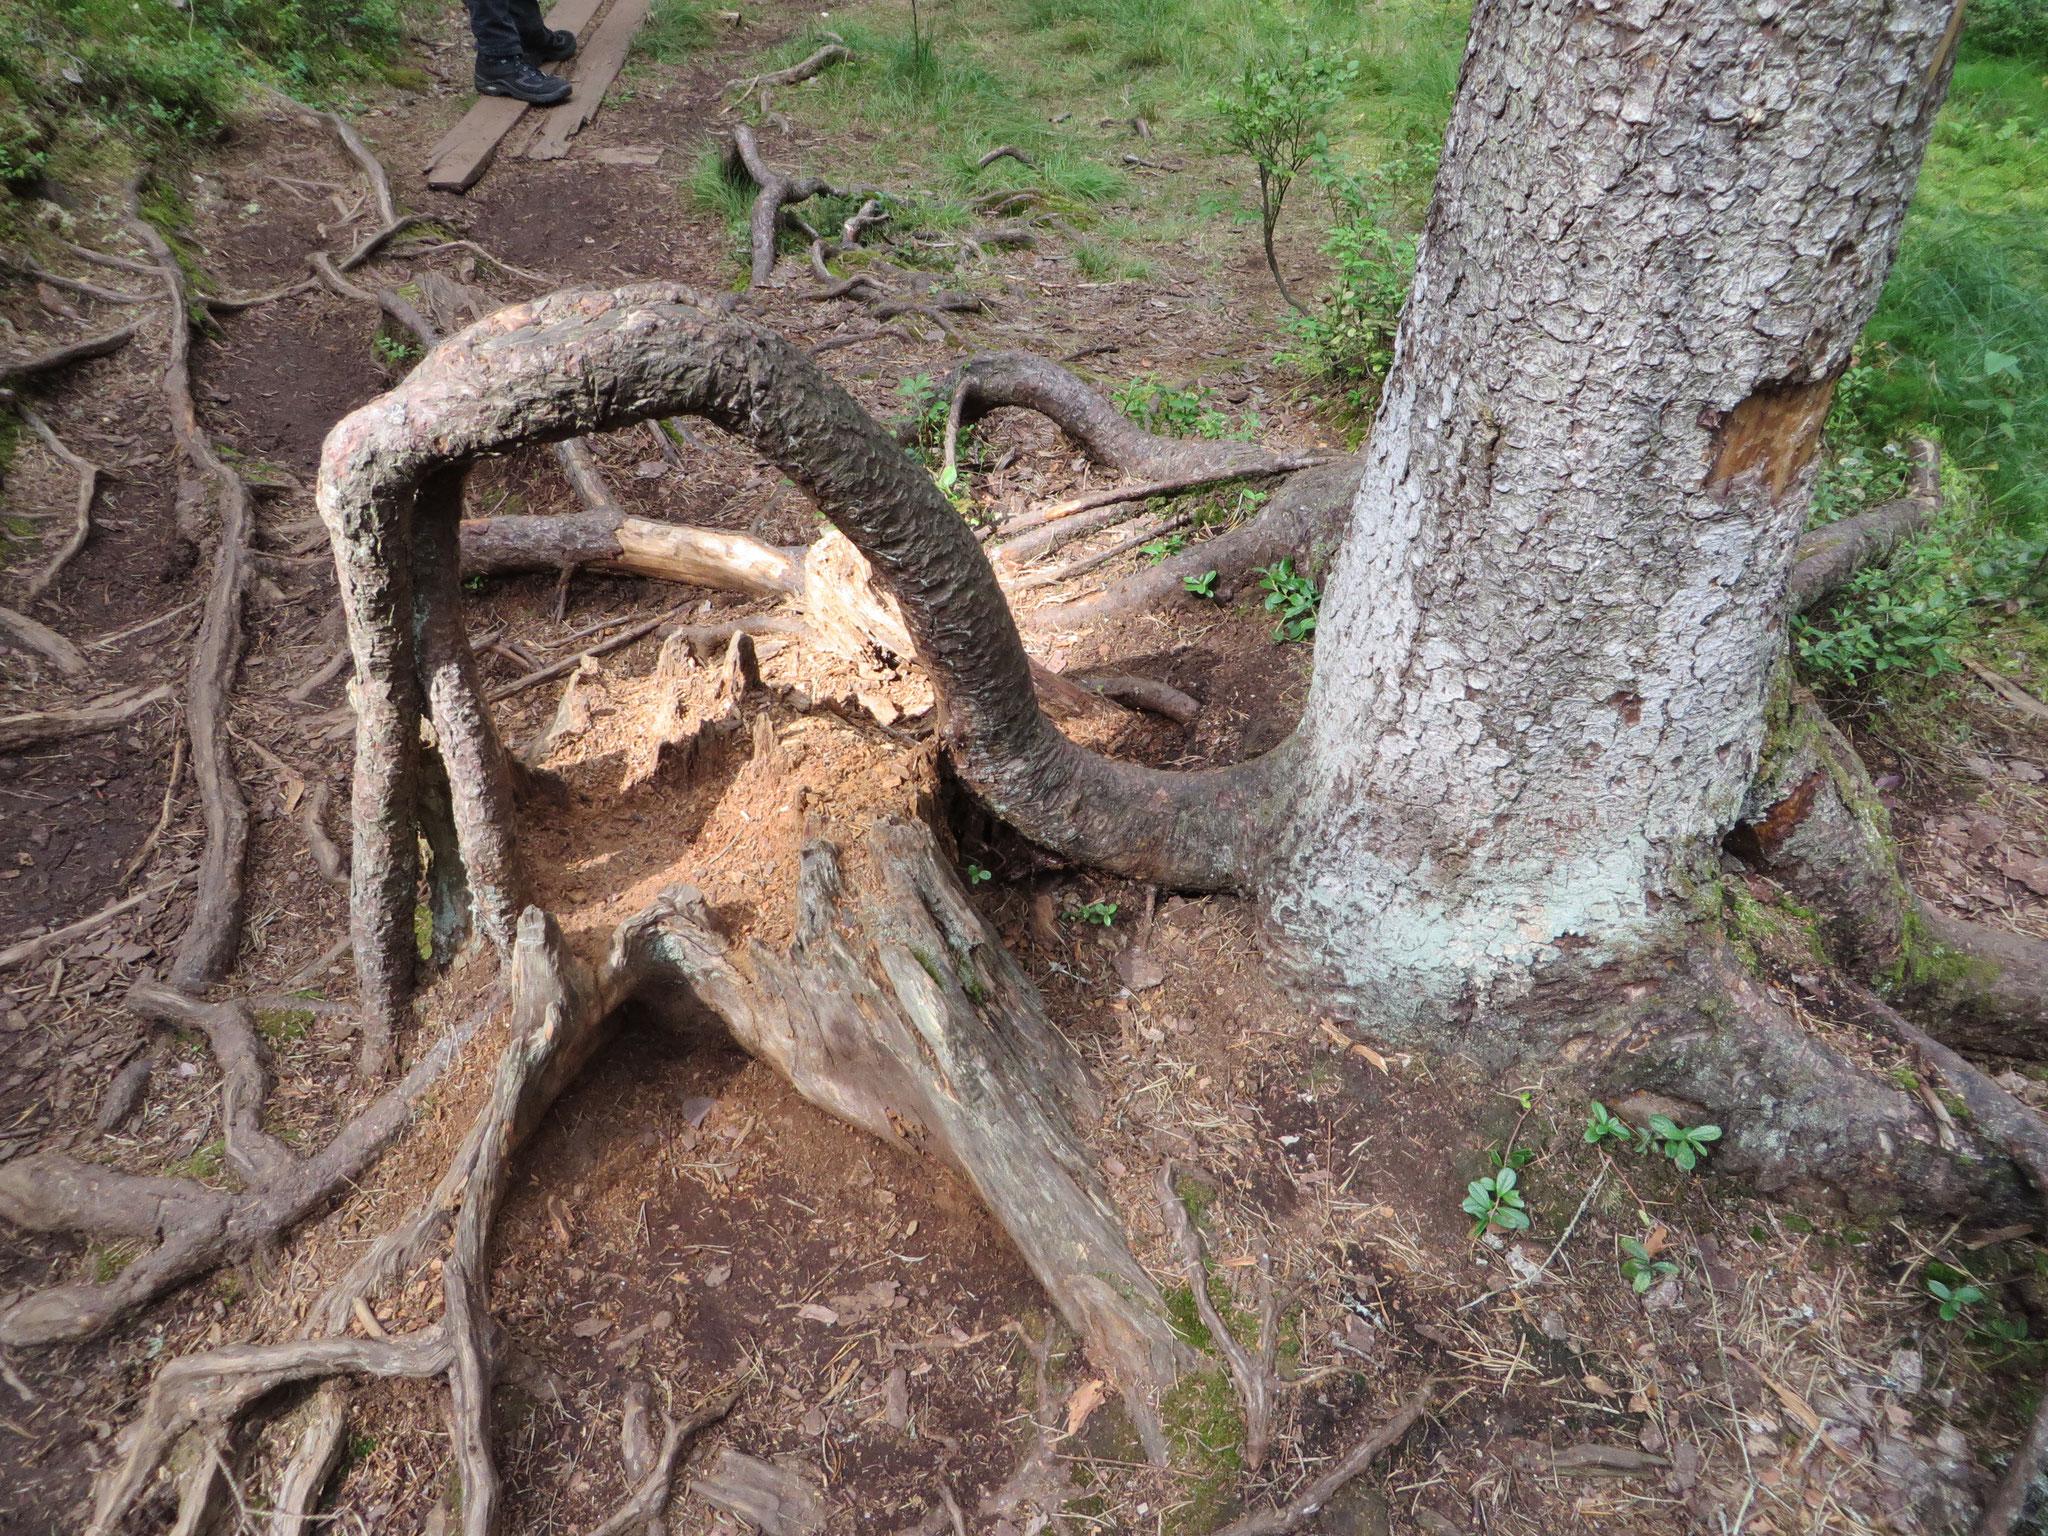 Der Stumpf ist längst vermodert, die Wurzel bleibt